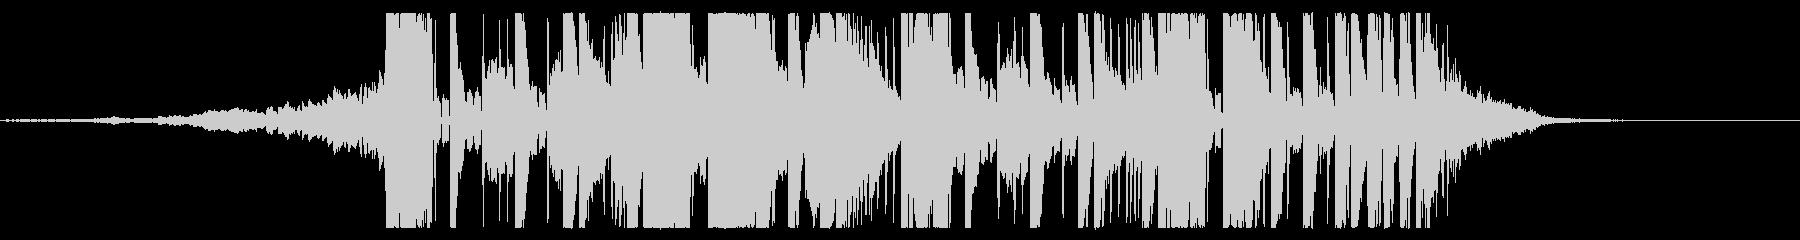 ホラー系EDMダブステップジングル04の未再生の波形